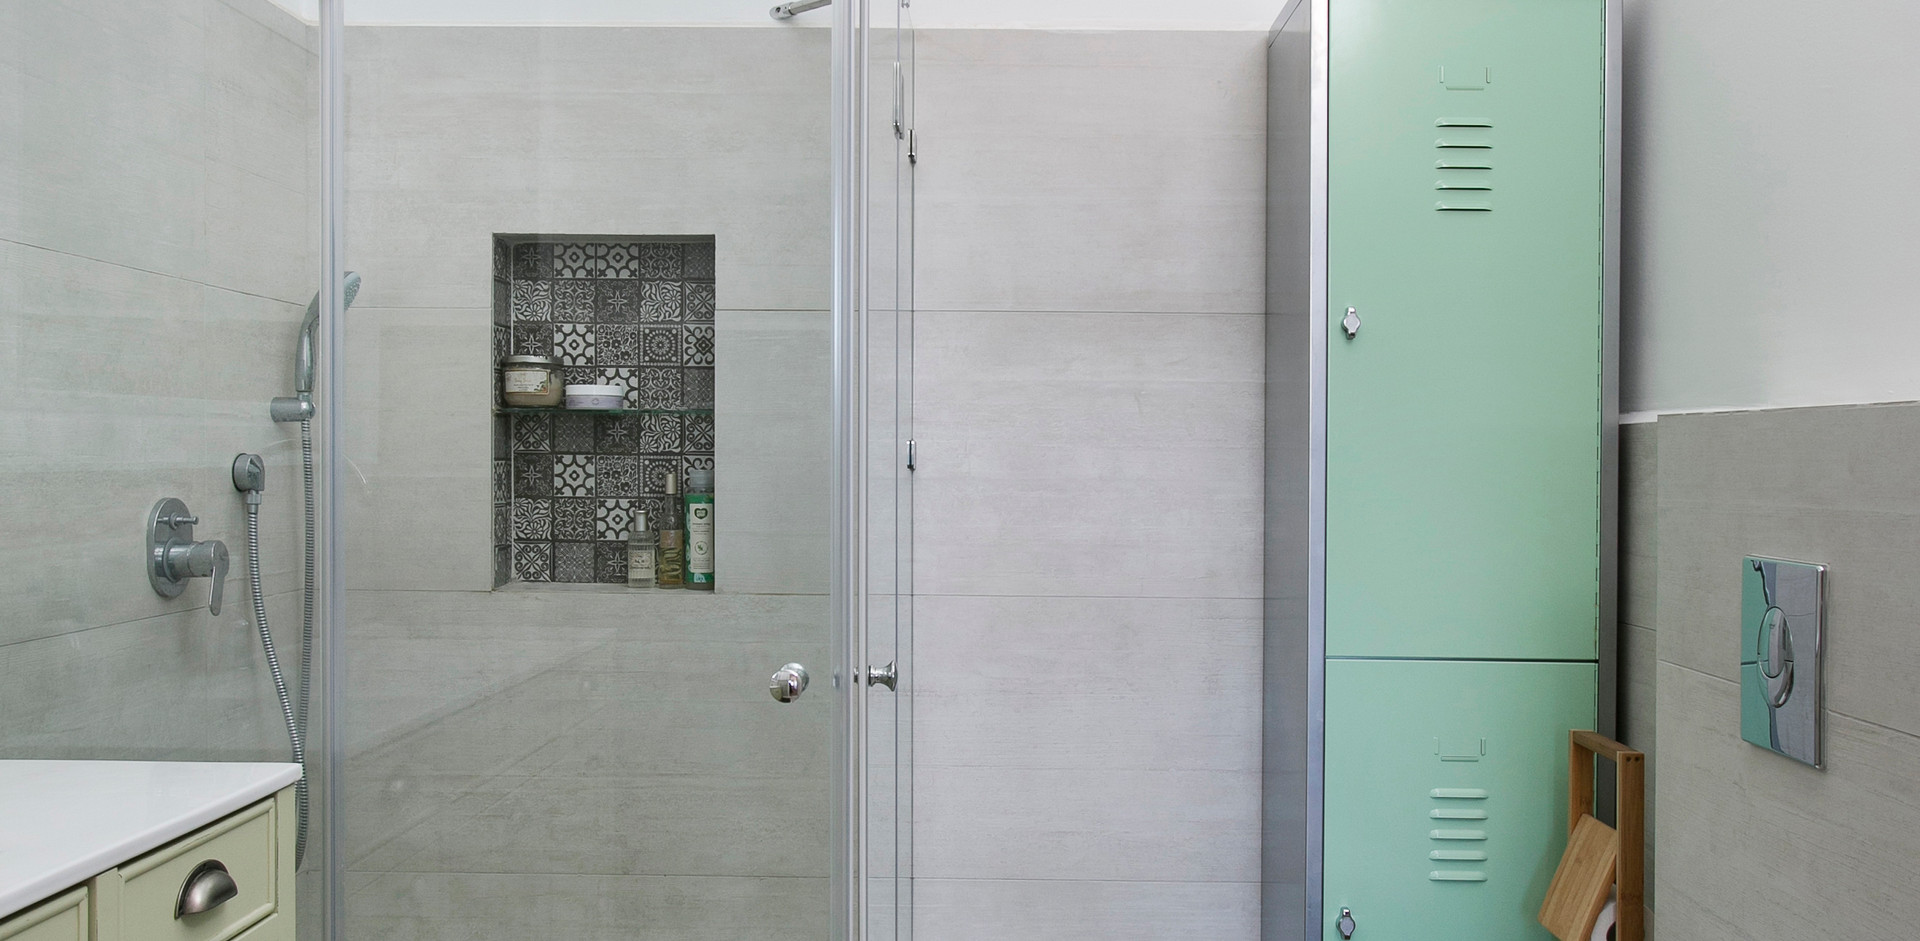 חדר אמבטיה- תקרה תכולה, יחידת לוקר תוכננה לחלל במיוחד.